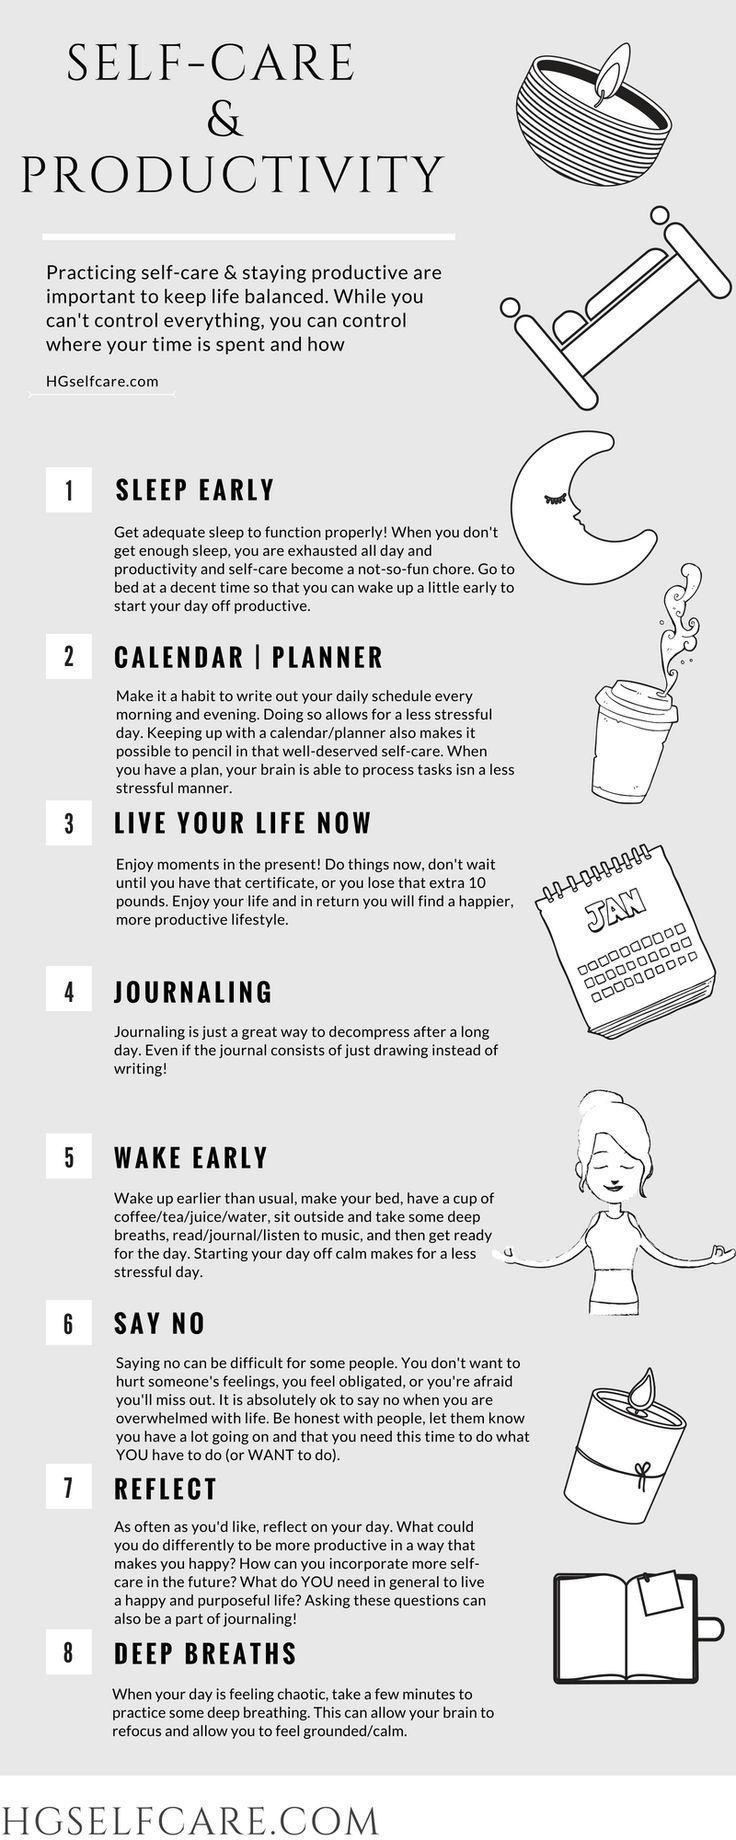 Self-Care & Produktivität… wie hängen sie zusammen? Erfahren Sie mehr auf HGselfcare.com … – o k